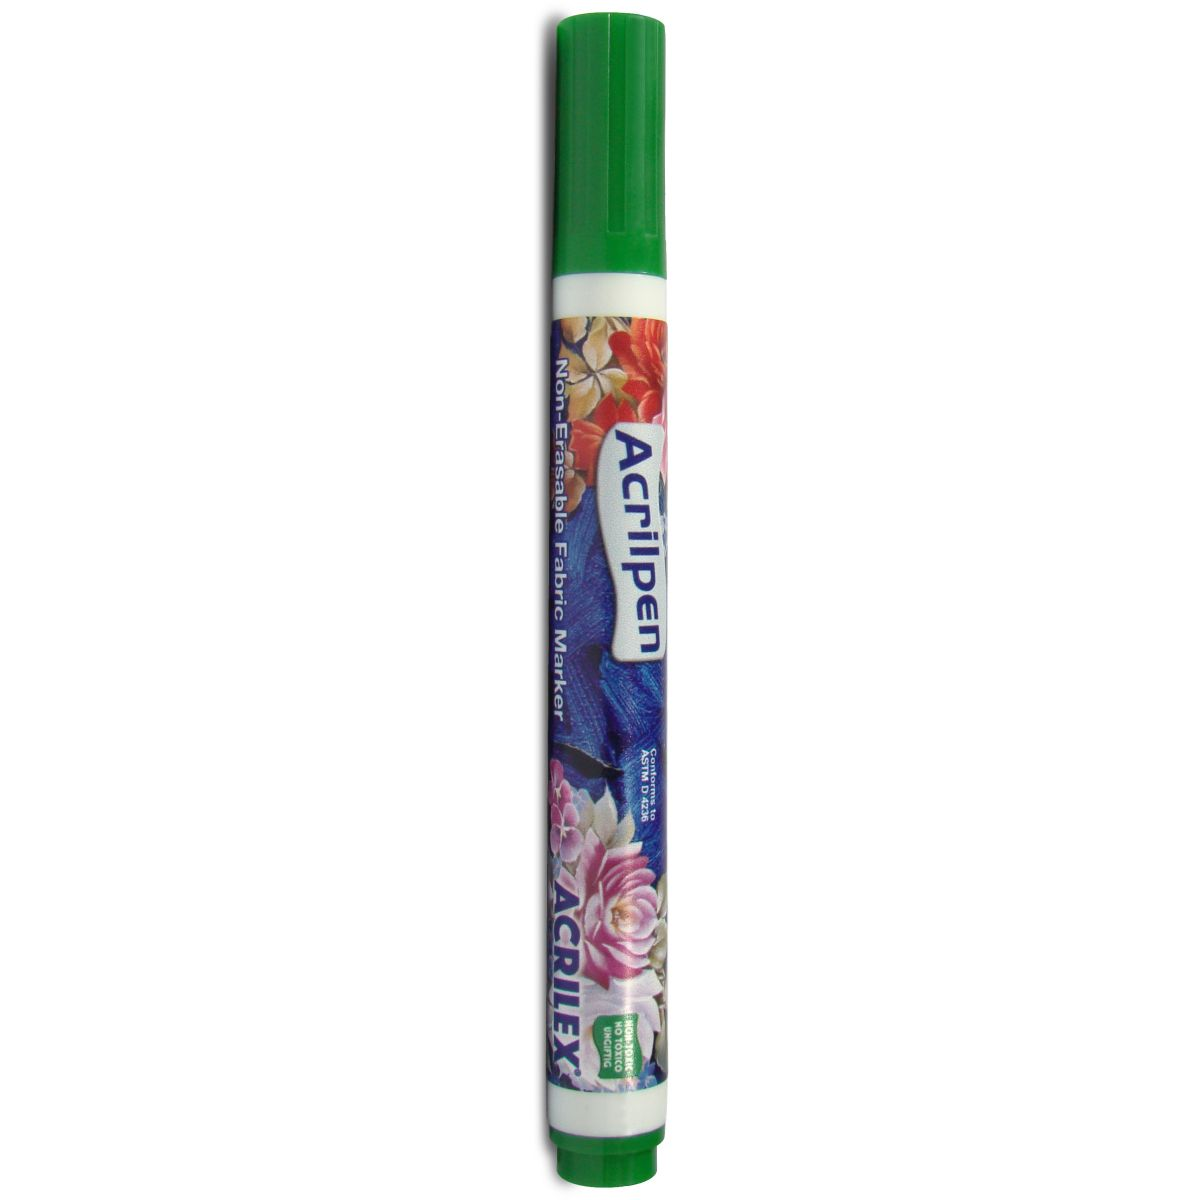 Caneta para Tecido - Verde Musgo Acrilpen Cx. c/12 - Acrilex